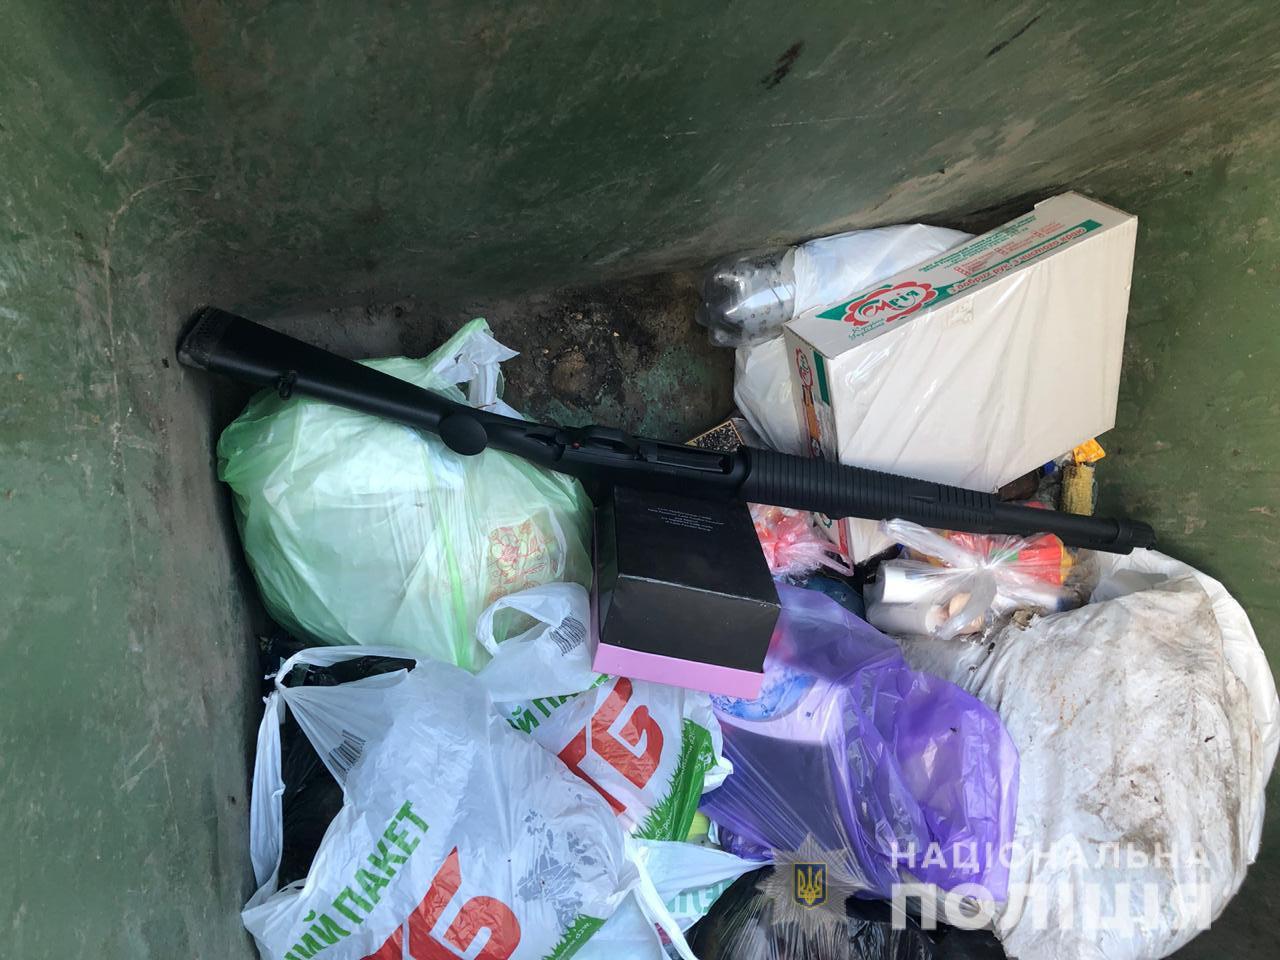 Дебош, стрельба в людей и избиение прохожих в Днепре: в полиции сделали заявление. Новости Днепра